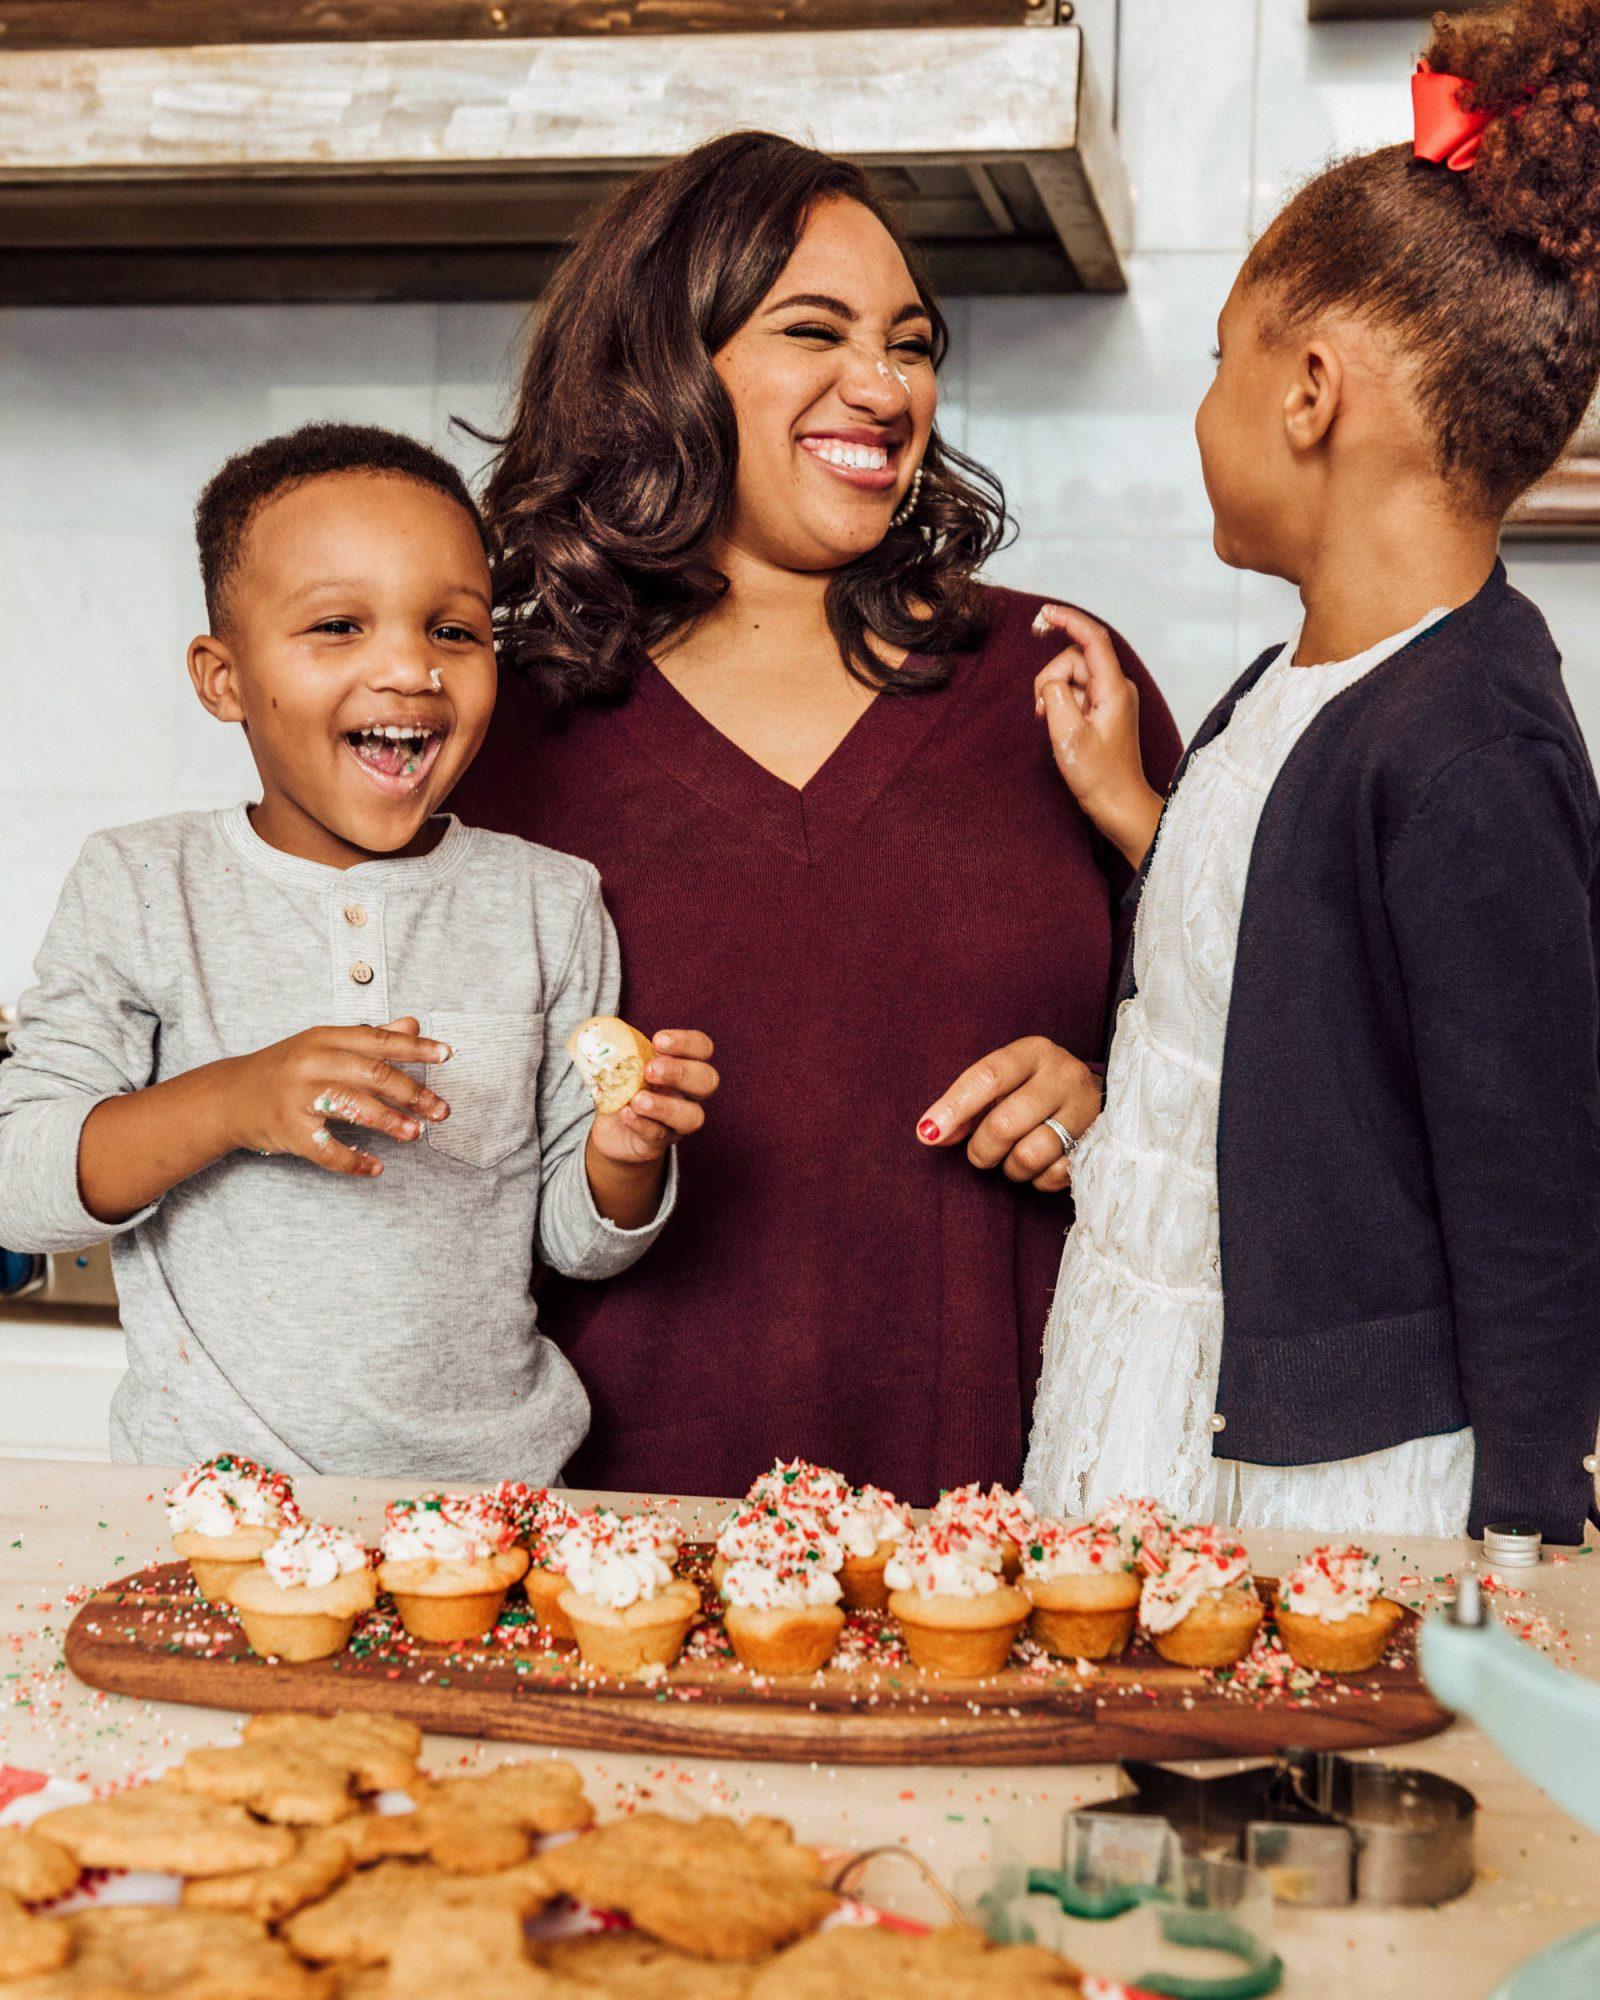 Marissa Allen baking with kids